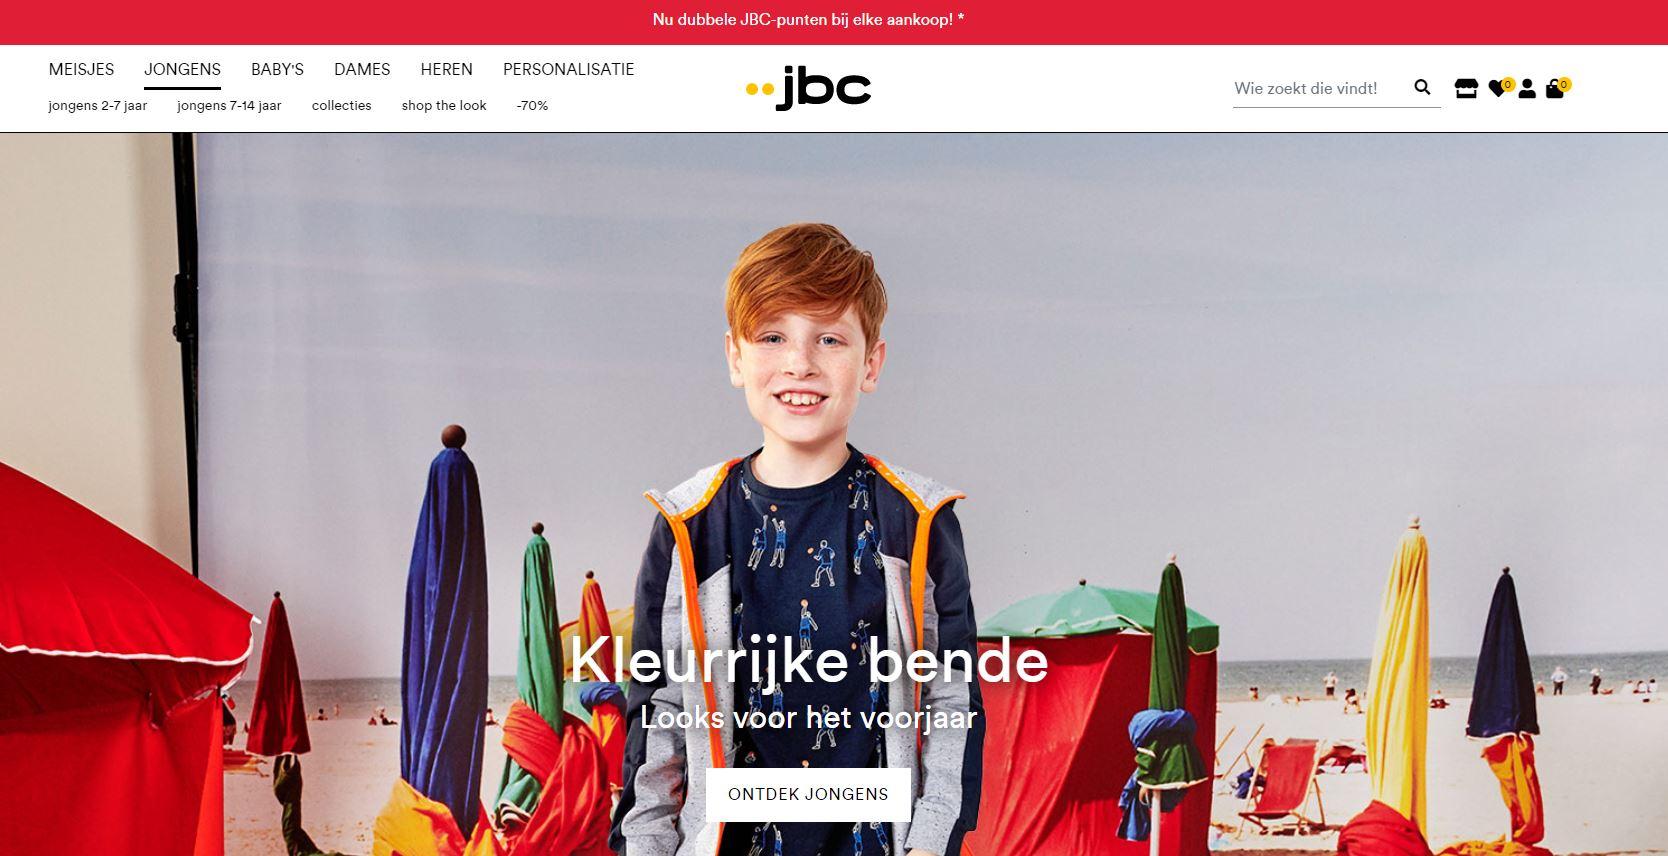 homepage van de webshop van www.jbc